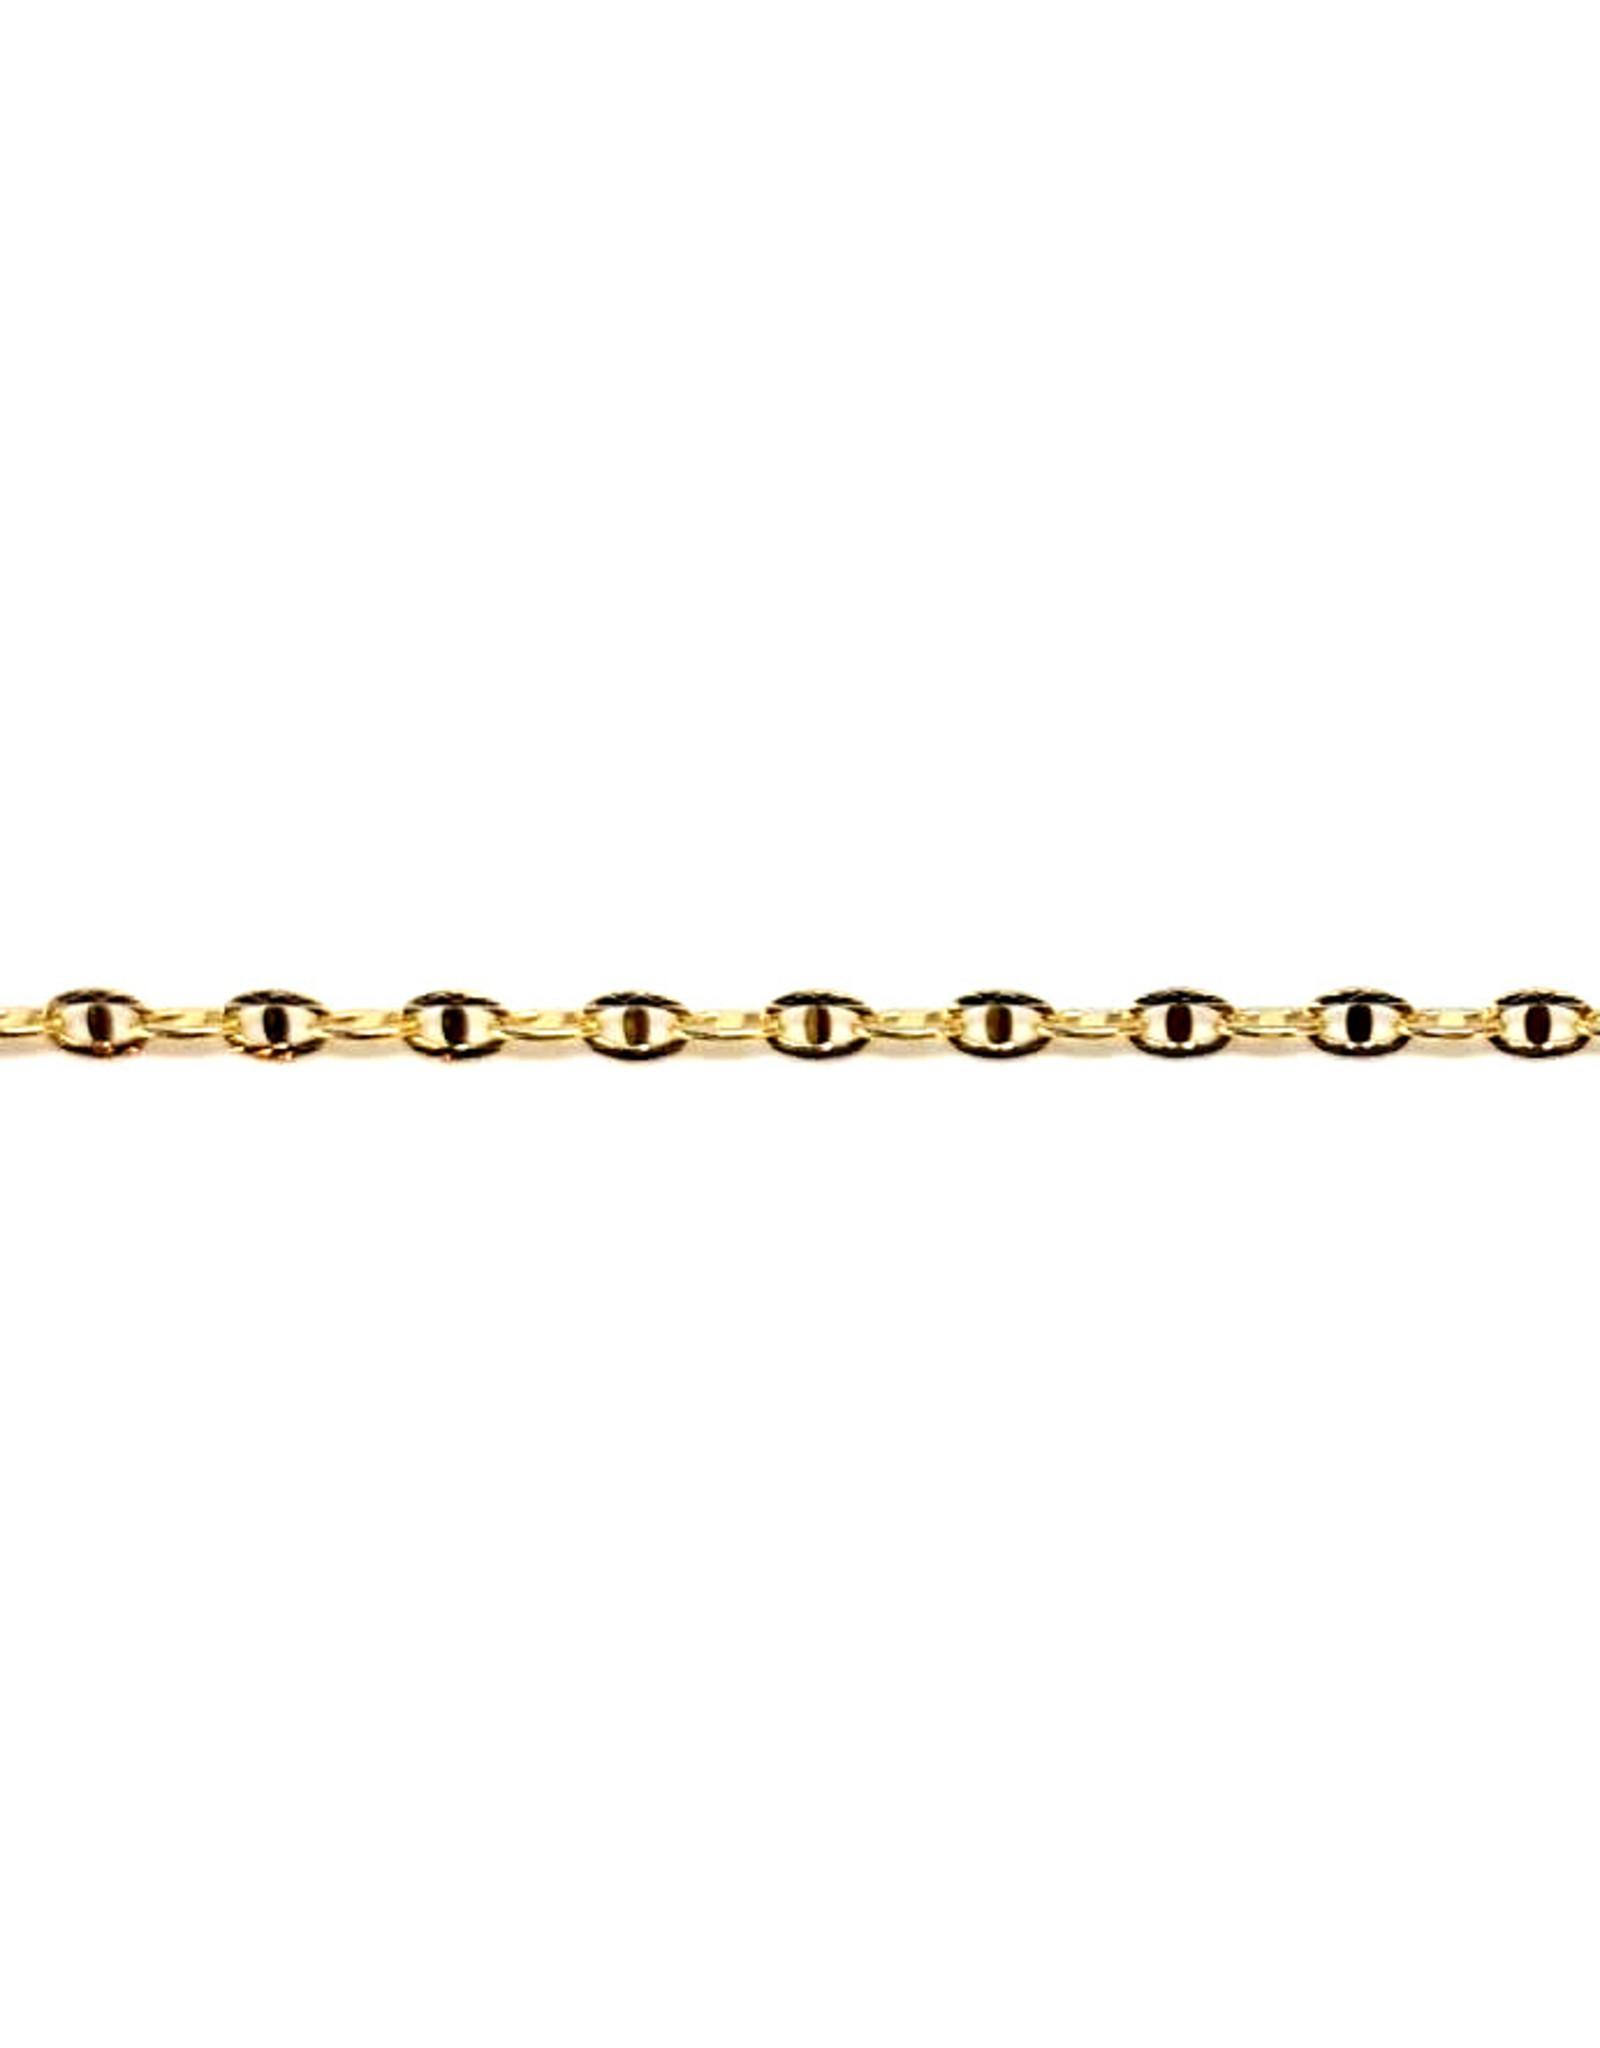 Bracelet Marine Gucci en Or 10K 2 tons